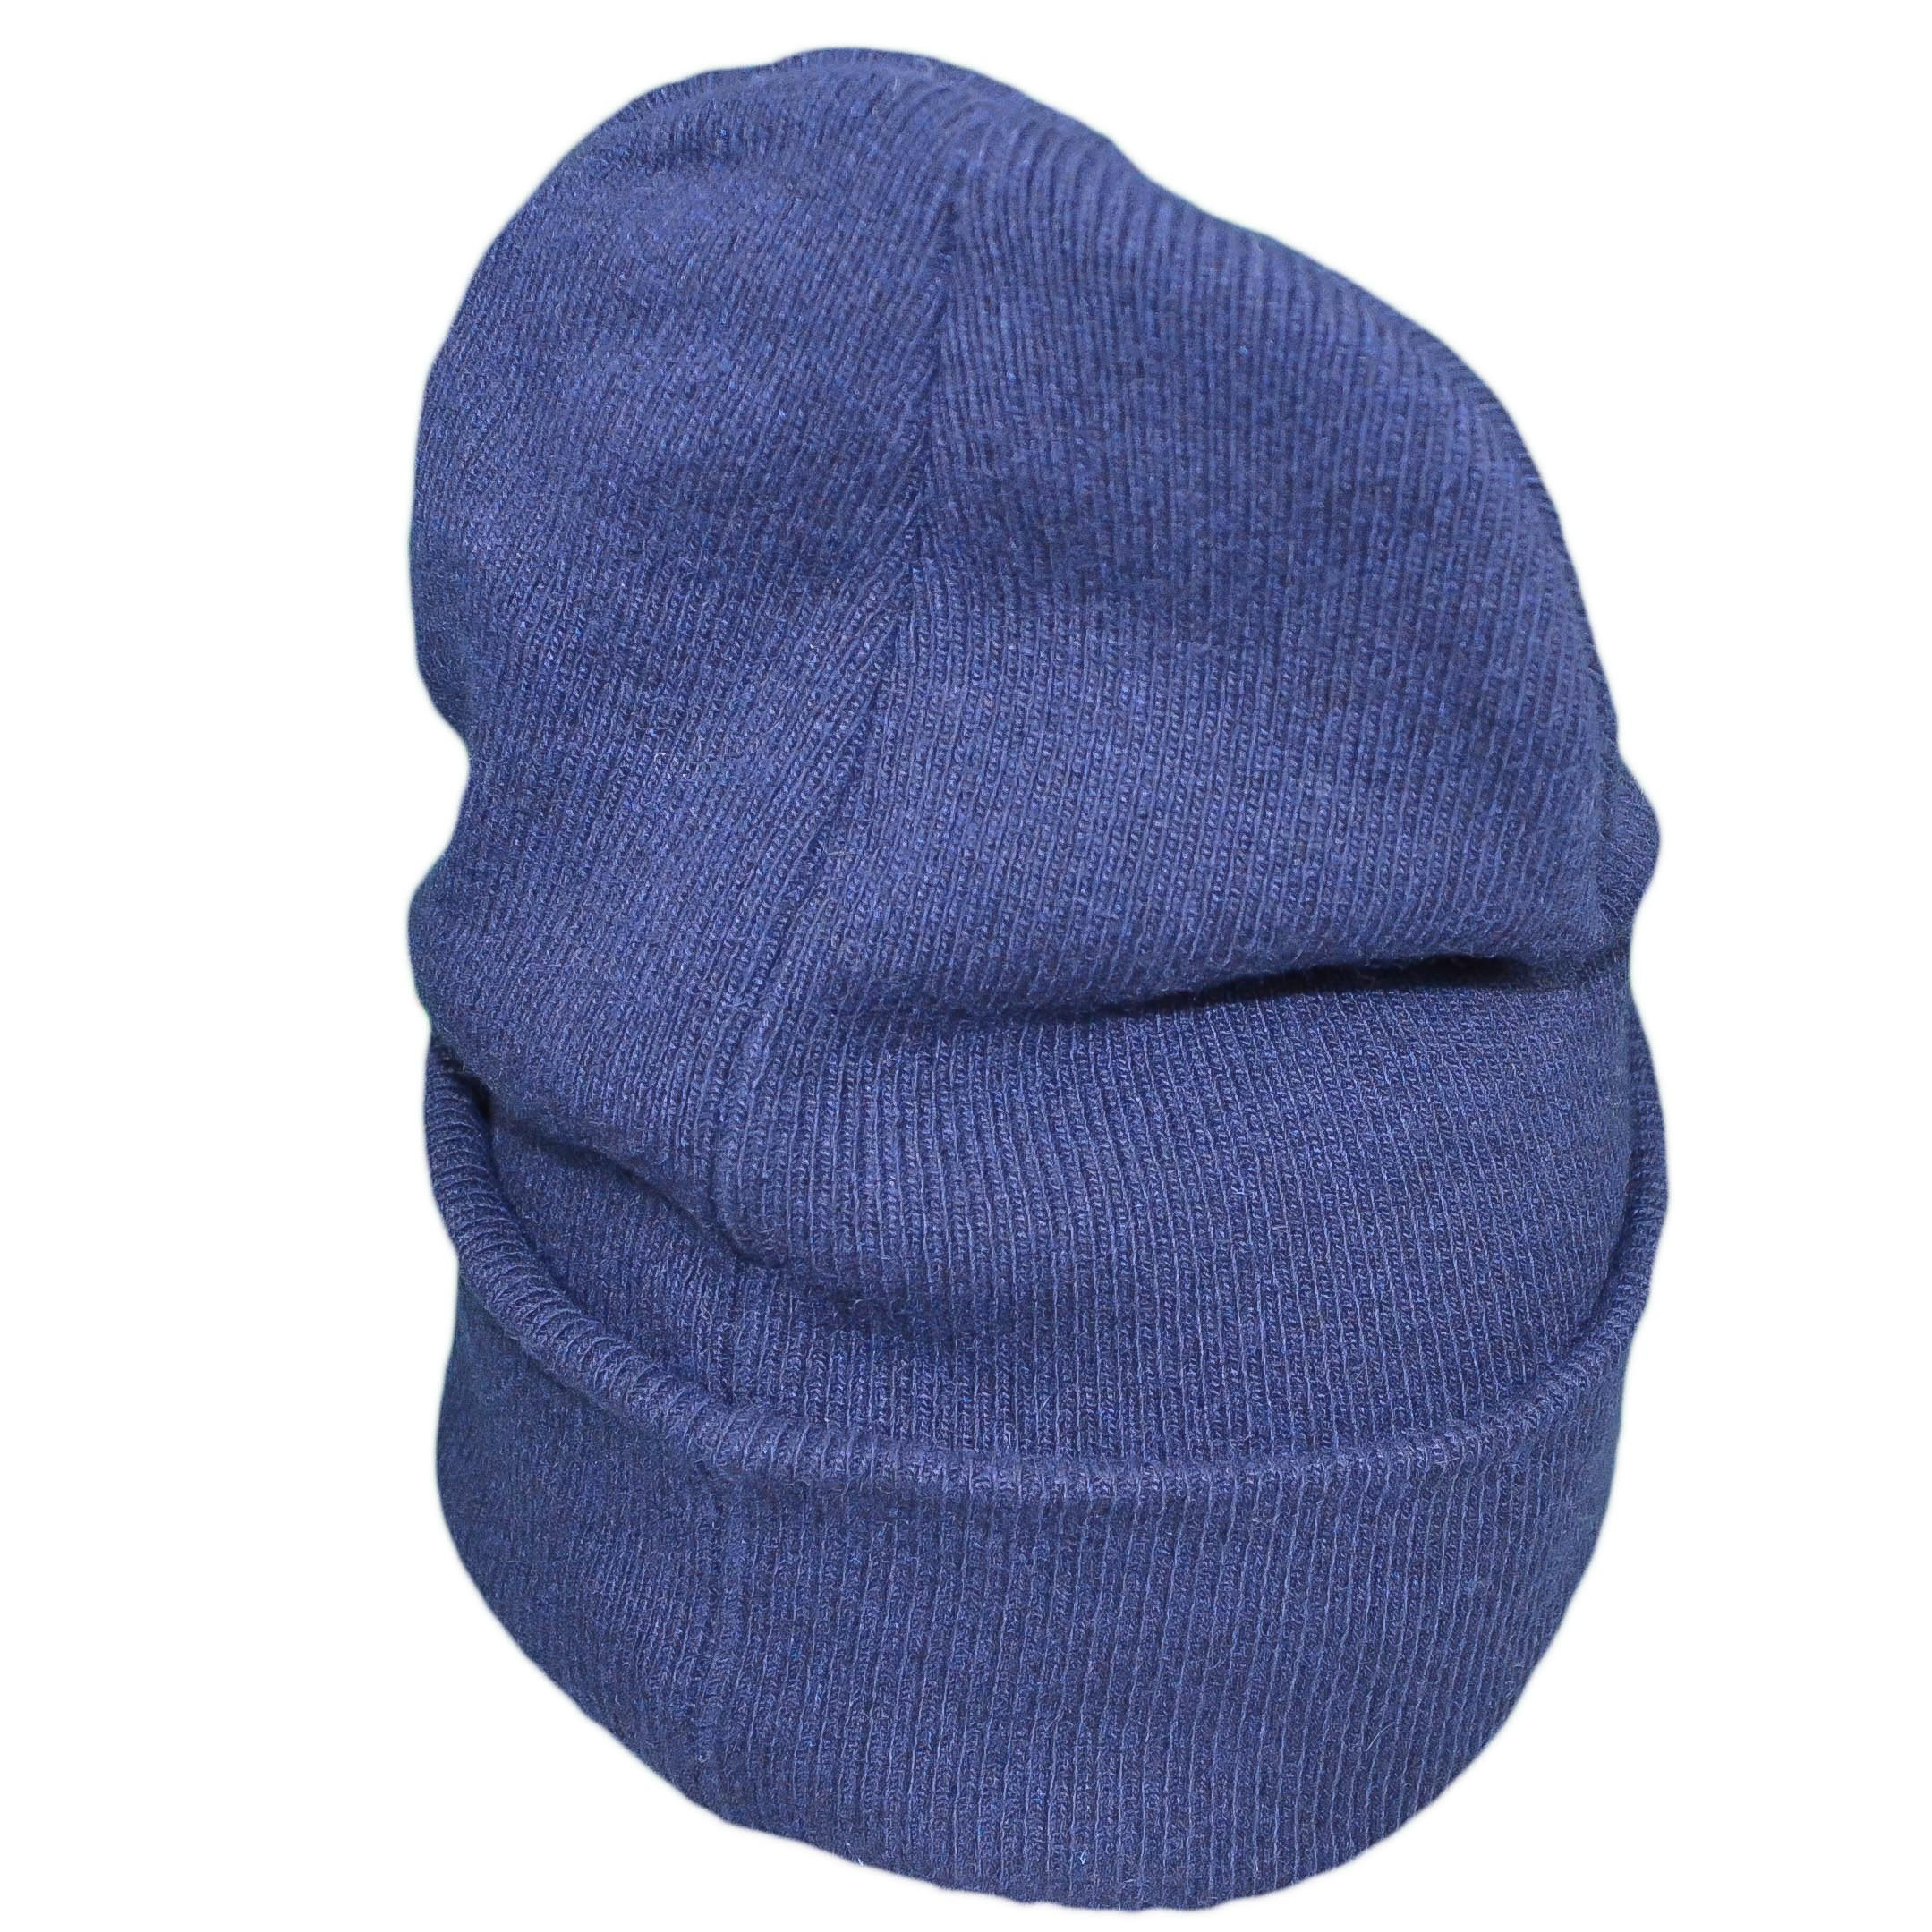 Bonnet Calvin Klein Jeans bleu marine laine cachemire pour homme ,